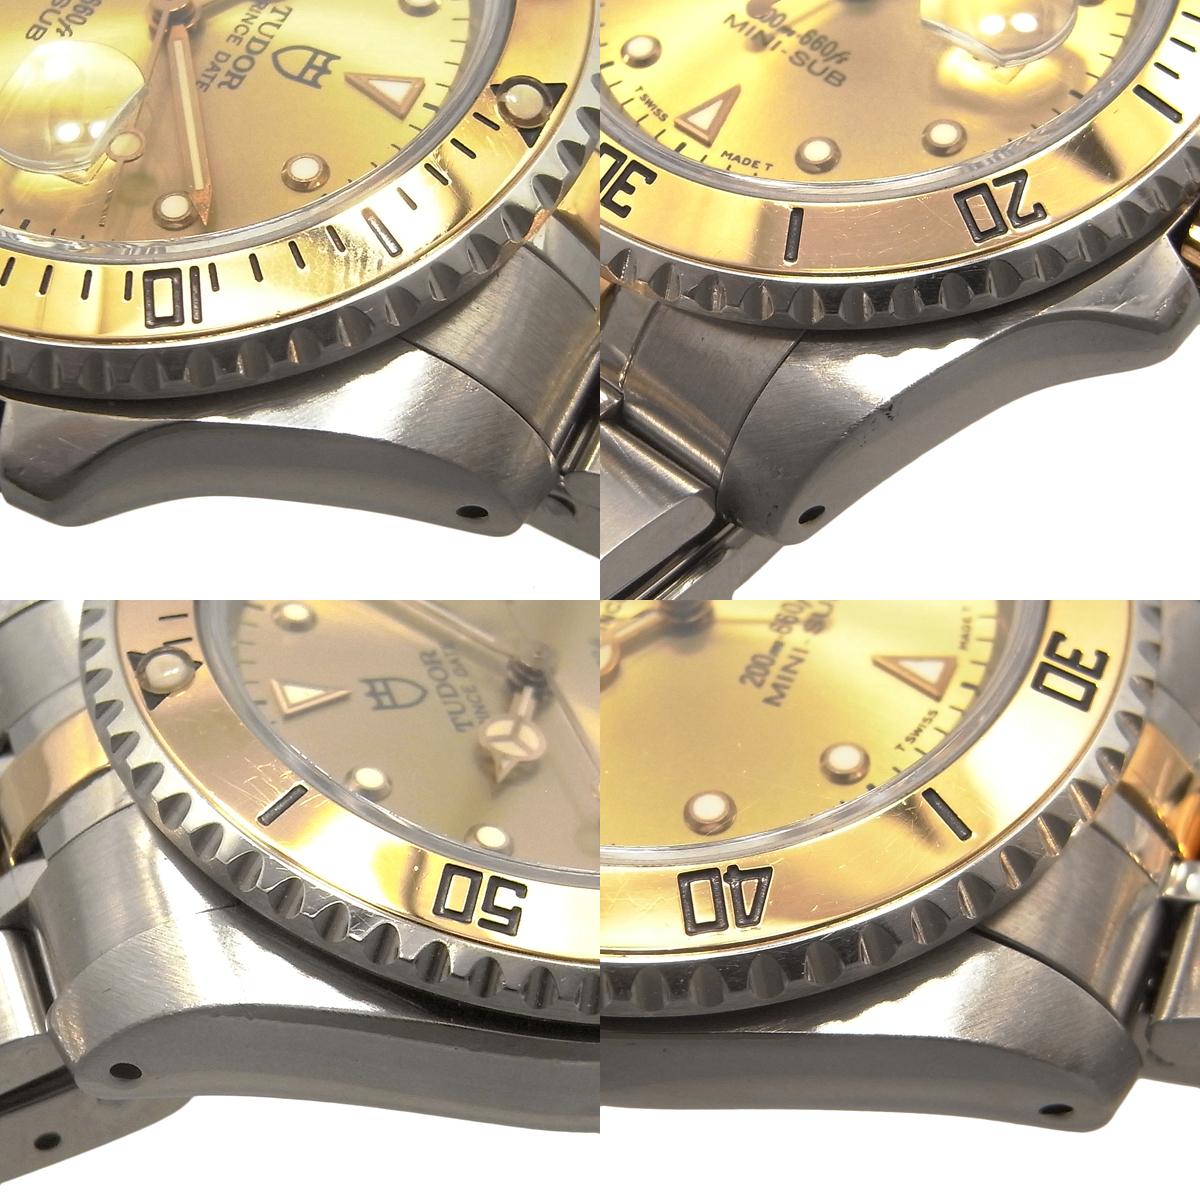 チュードル プリンスデイト ミニサブ 73193 自動巻き オートマ ゴールド文字盤 コンビ YG/SS ボーイズ チューダー TUDOR MINI-SUB_画像3